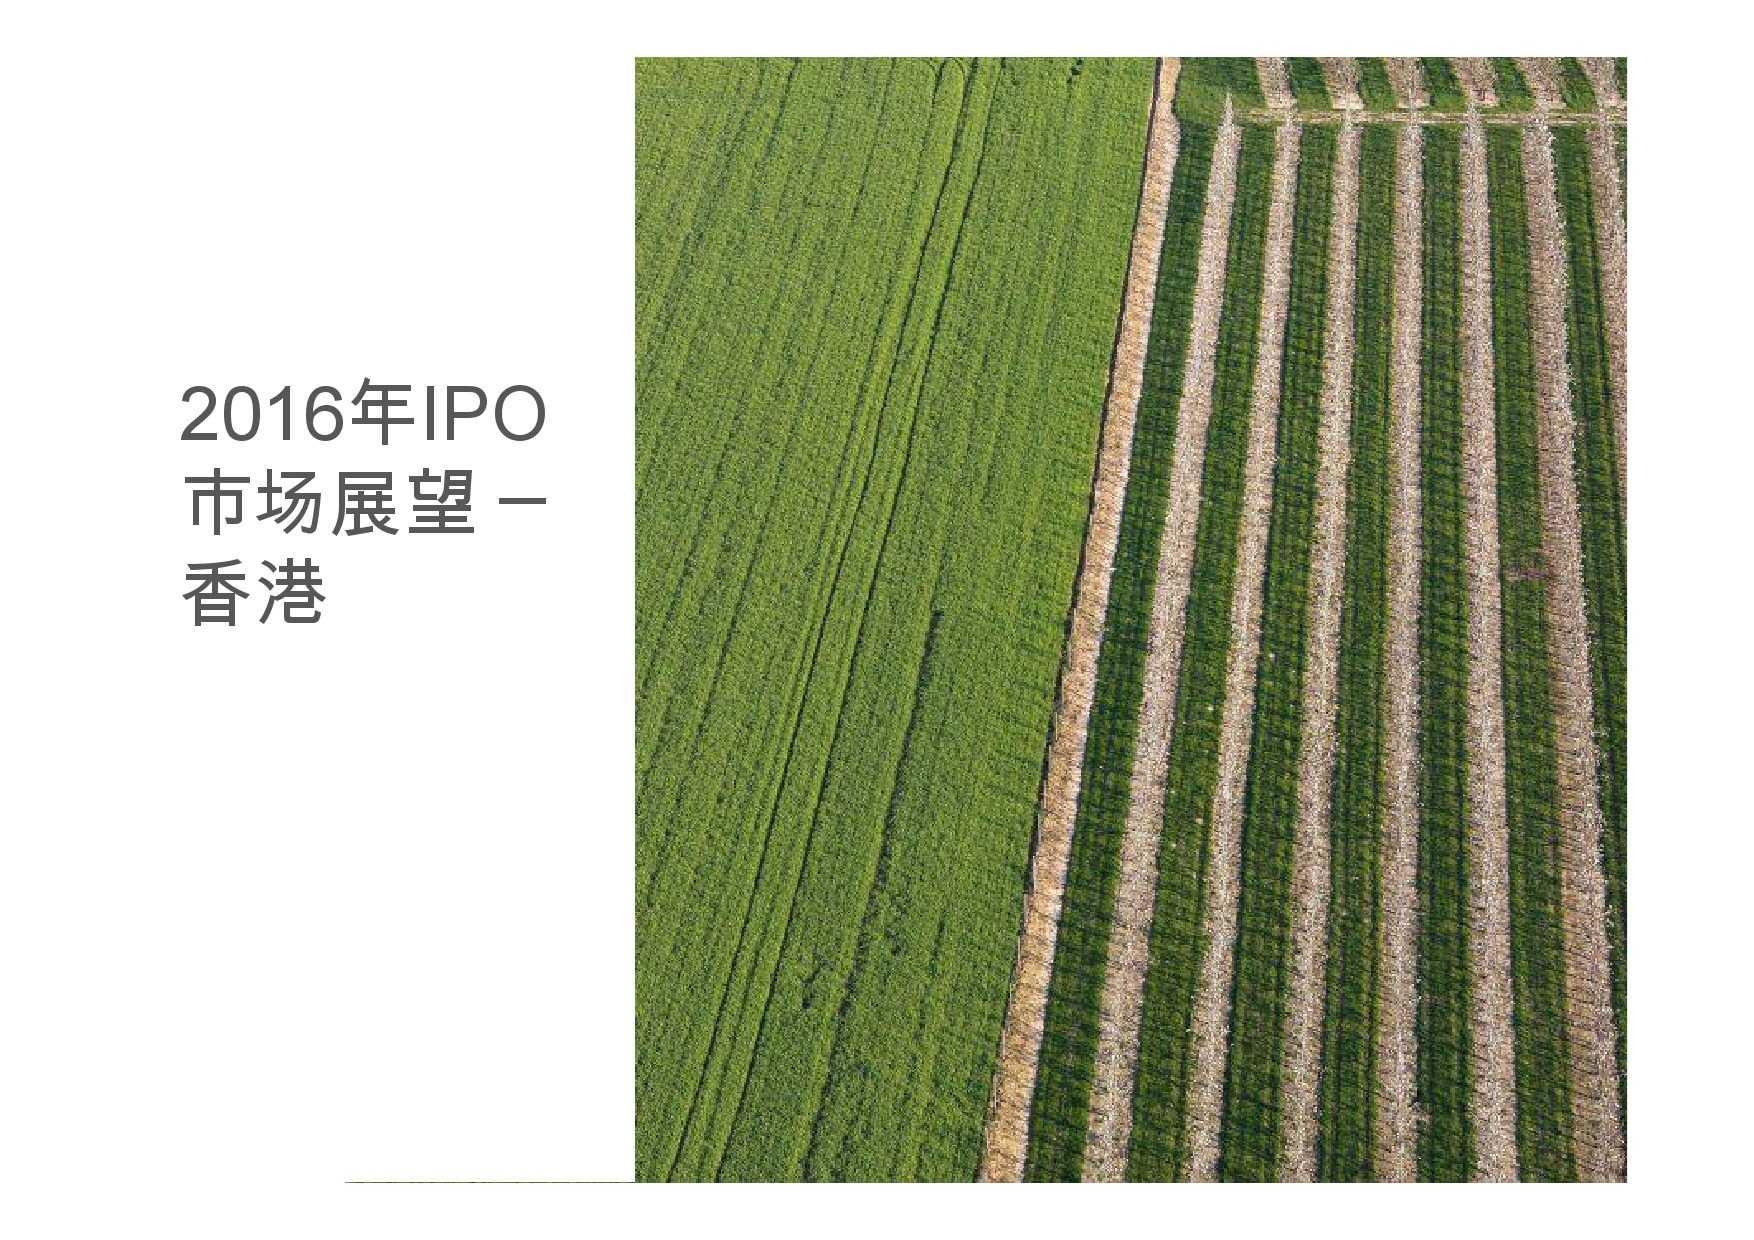 德勤:香港及中国大陆IPO巿场2015年回顾与2016年展望_000030